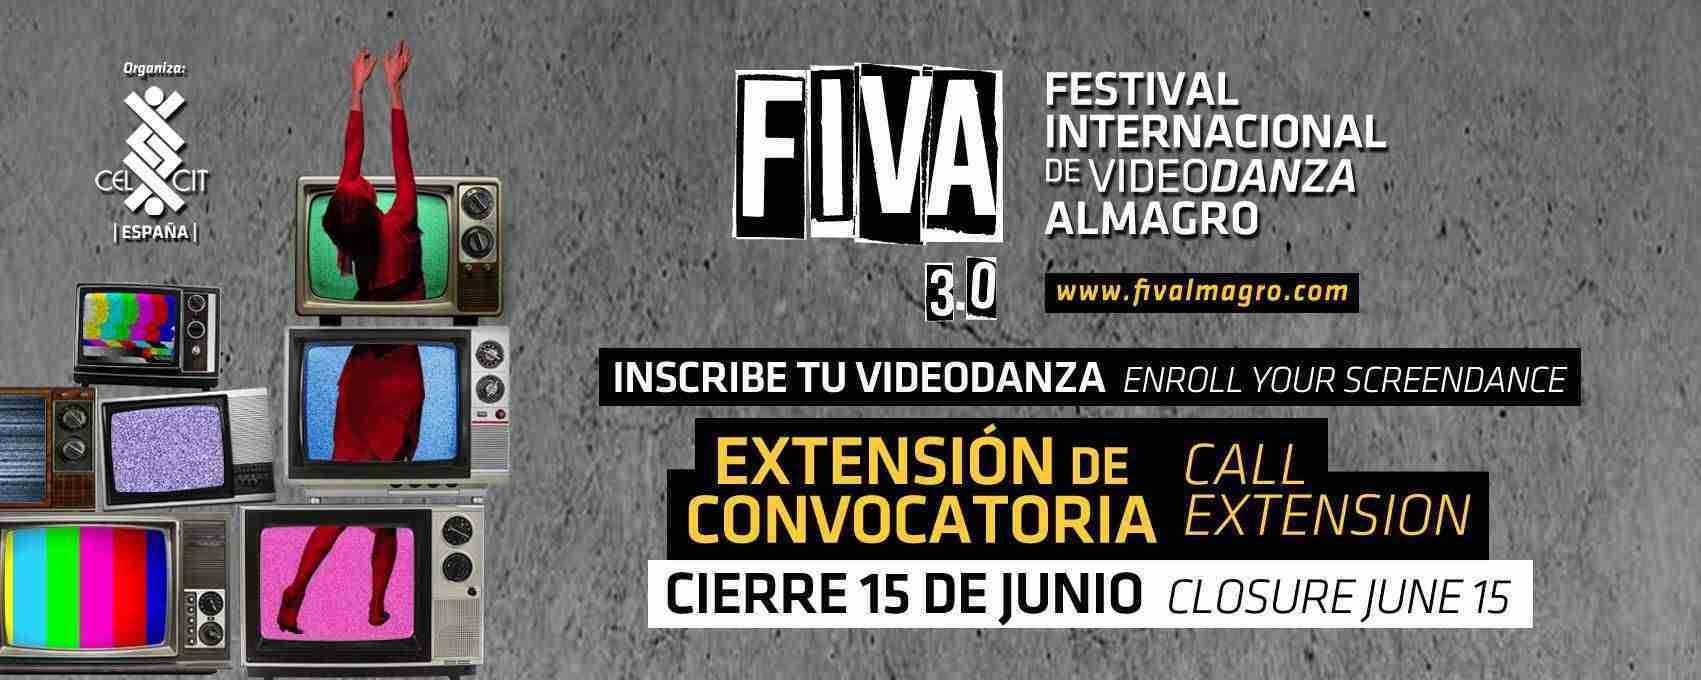 FIVA mantendrá abierta hasta junio la presentación de obras audiovisuales 1